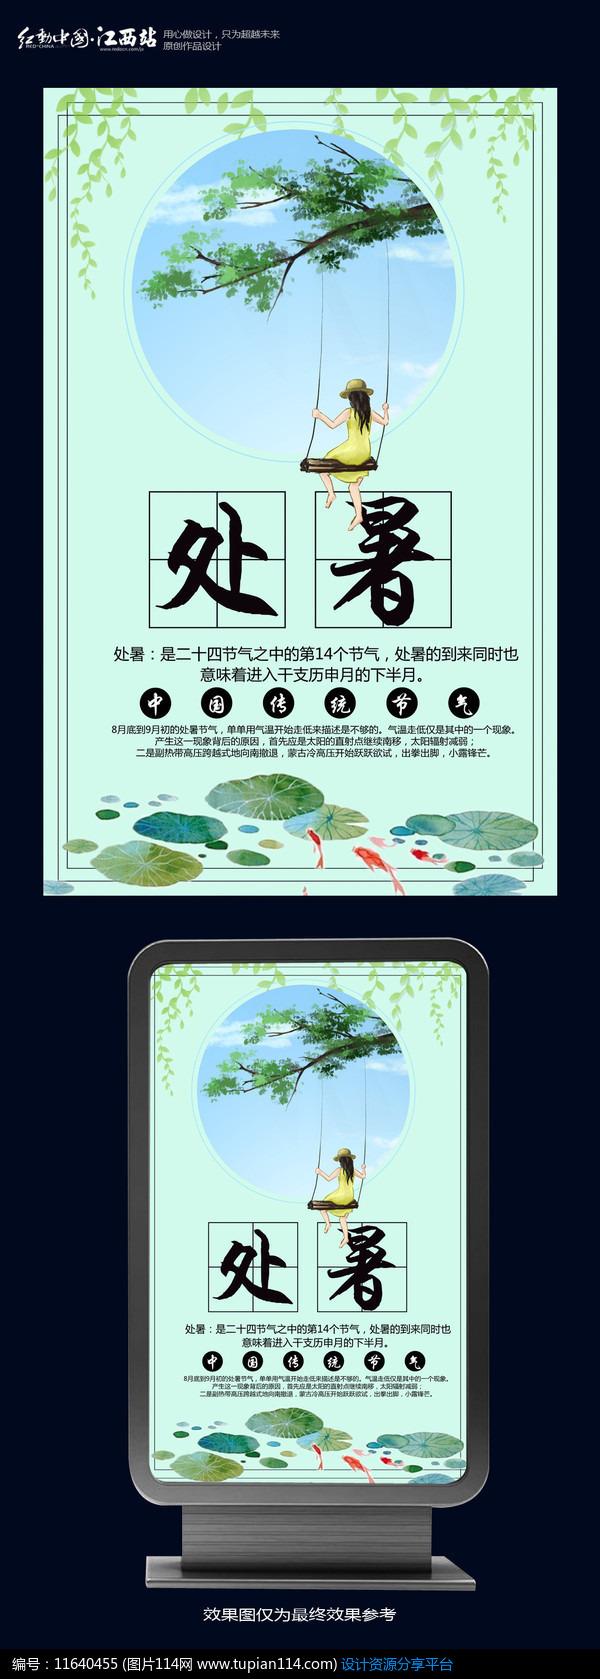 创意二十四节气处暑海报设计素材免费下载_其他节psd图片